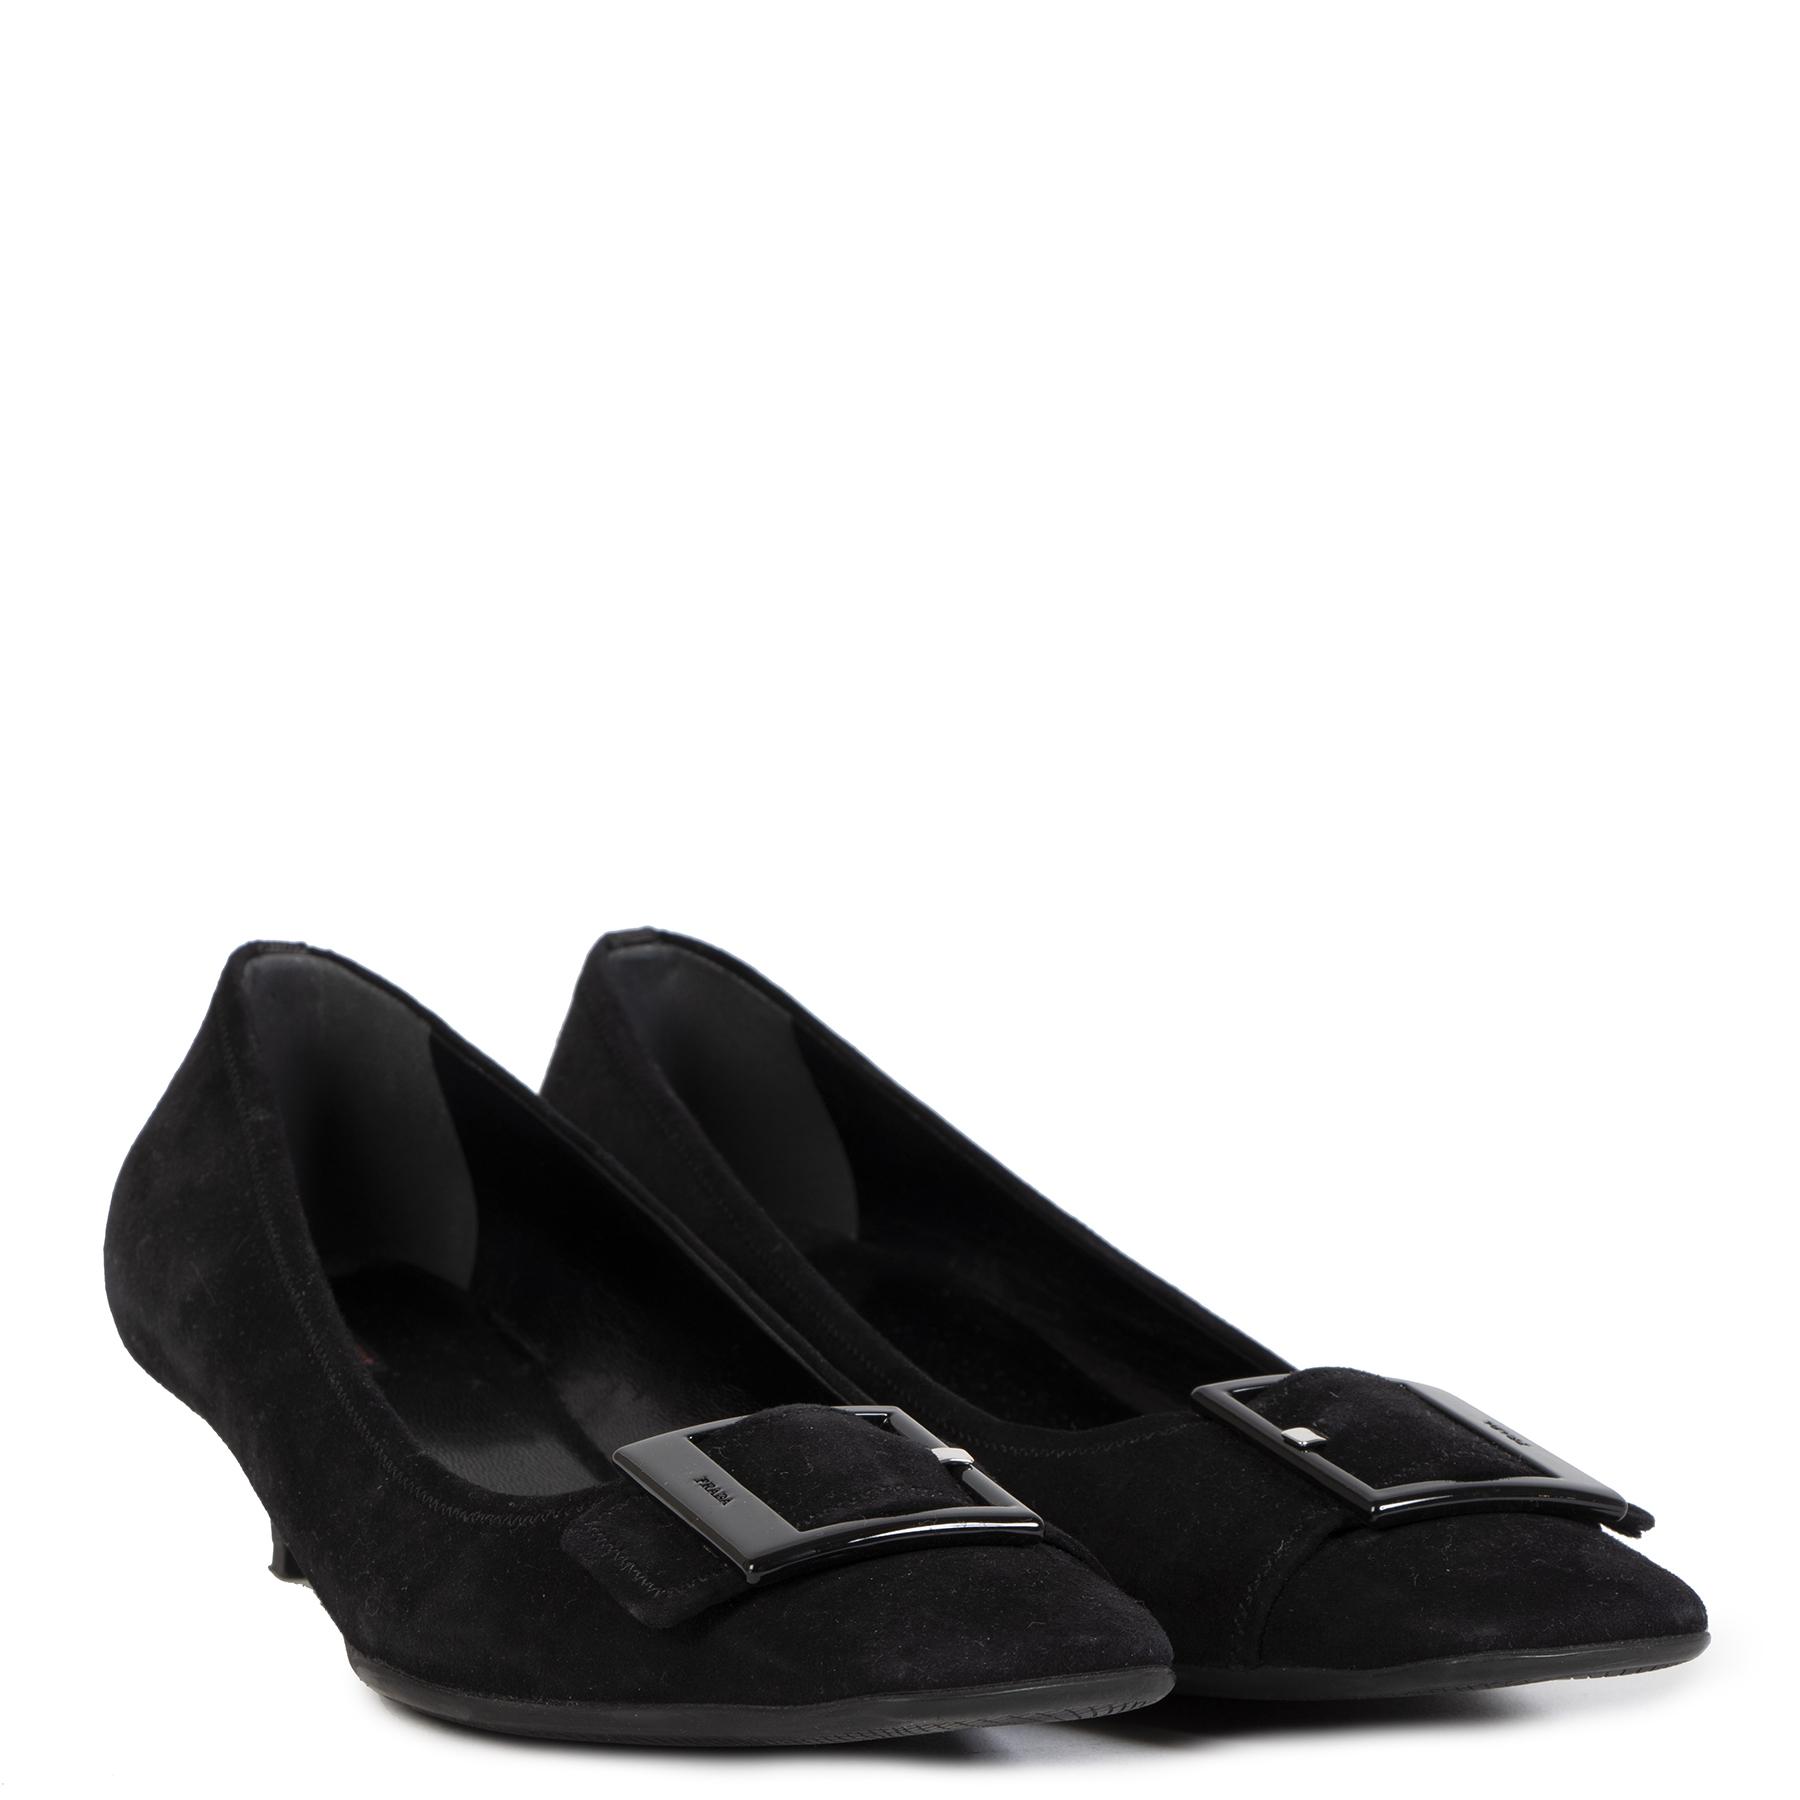 Tweedehands authentieke Black Prada Heels - Size 40,5 aan de juiste prijs veilig online LabelLOV vintage webshop luwe merken Antwerpen Belgë